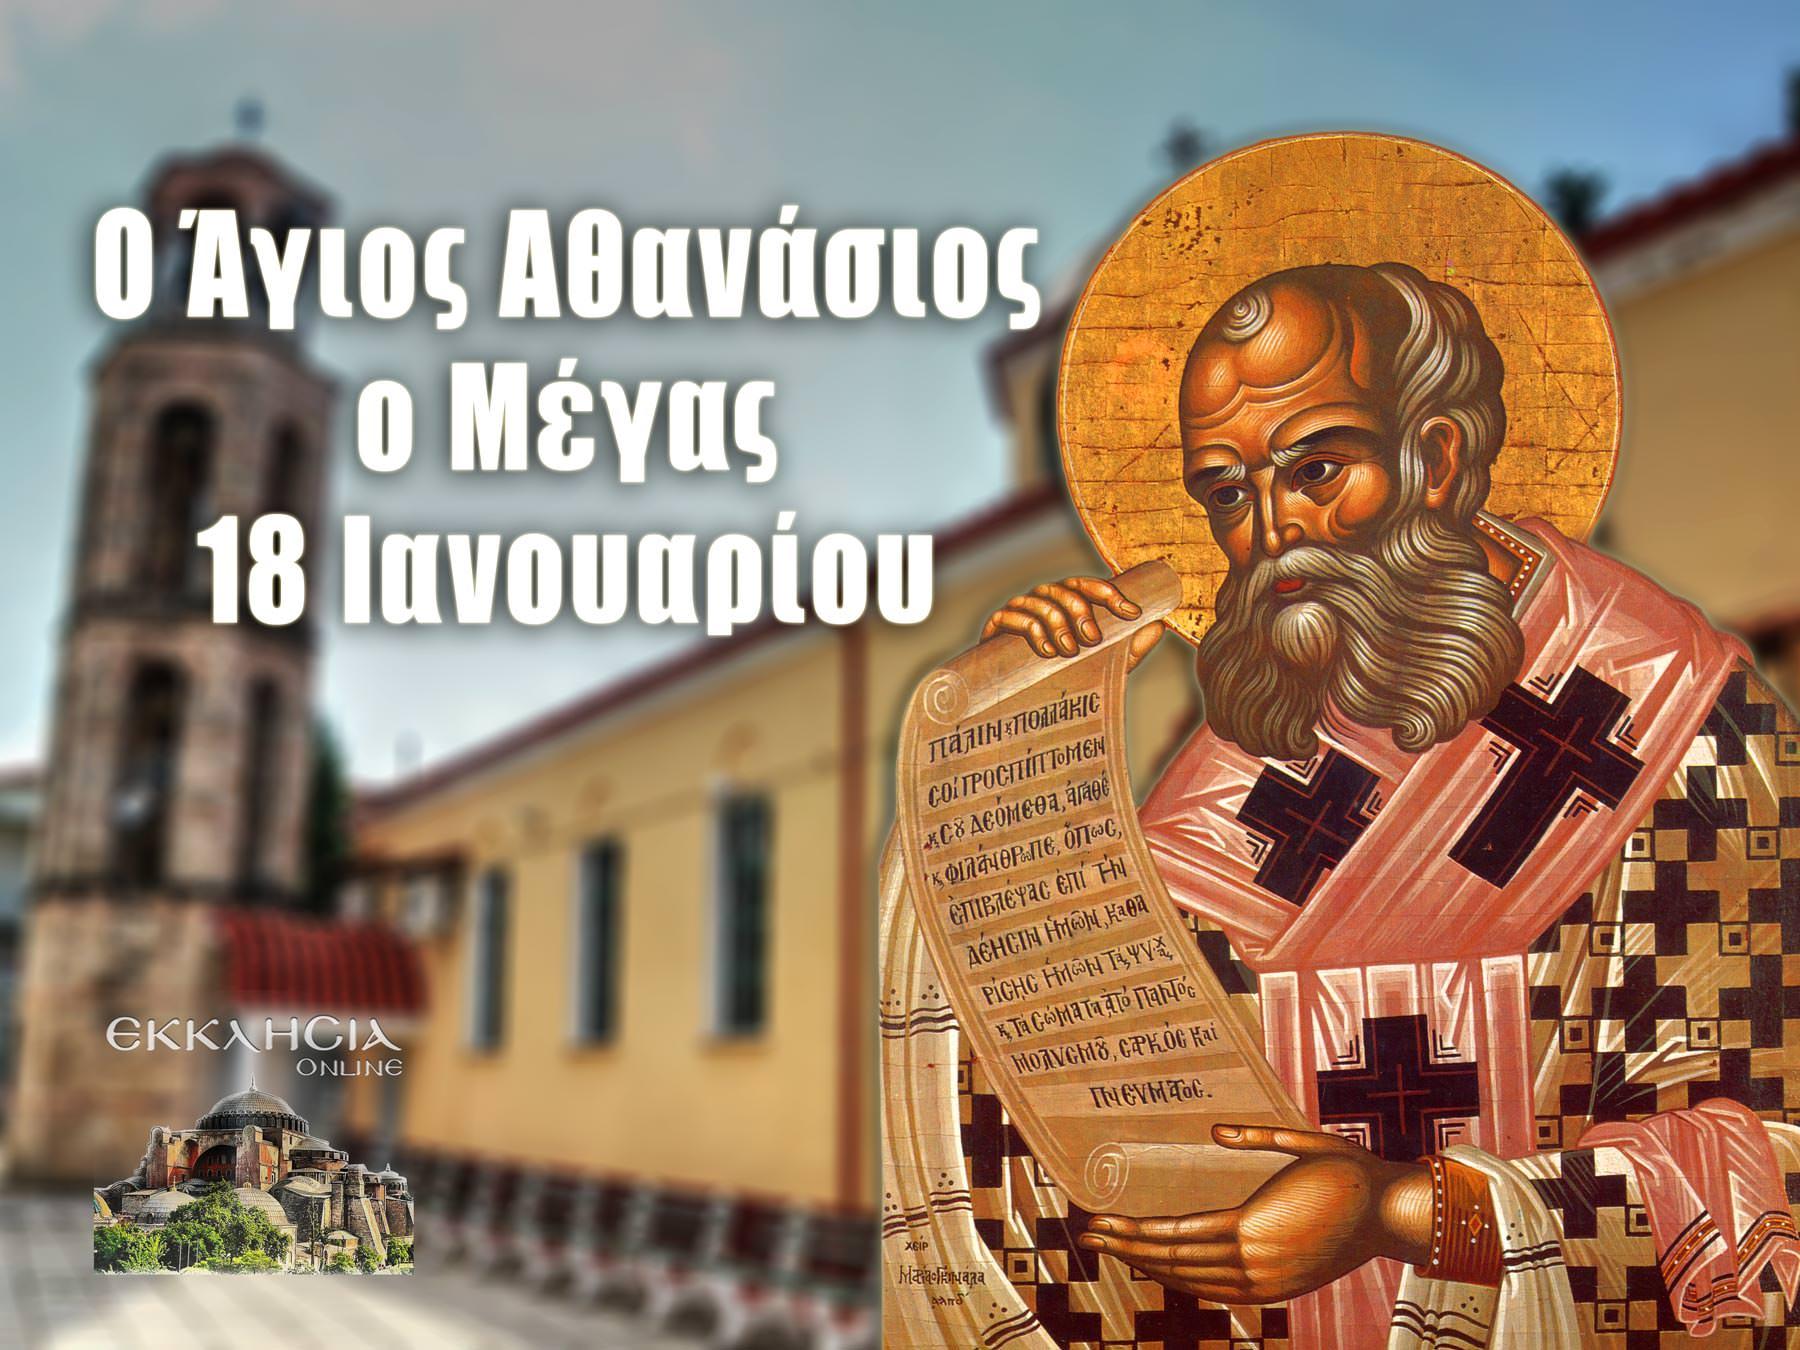 Άγιος Αθανάσιος ο Μέγας 18 Ιανουαρίου